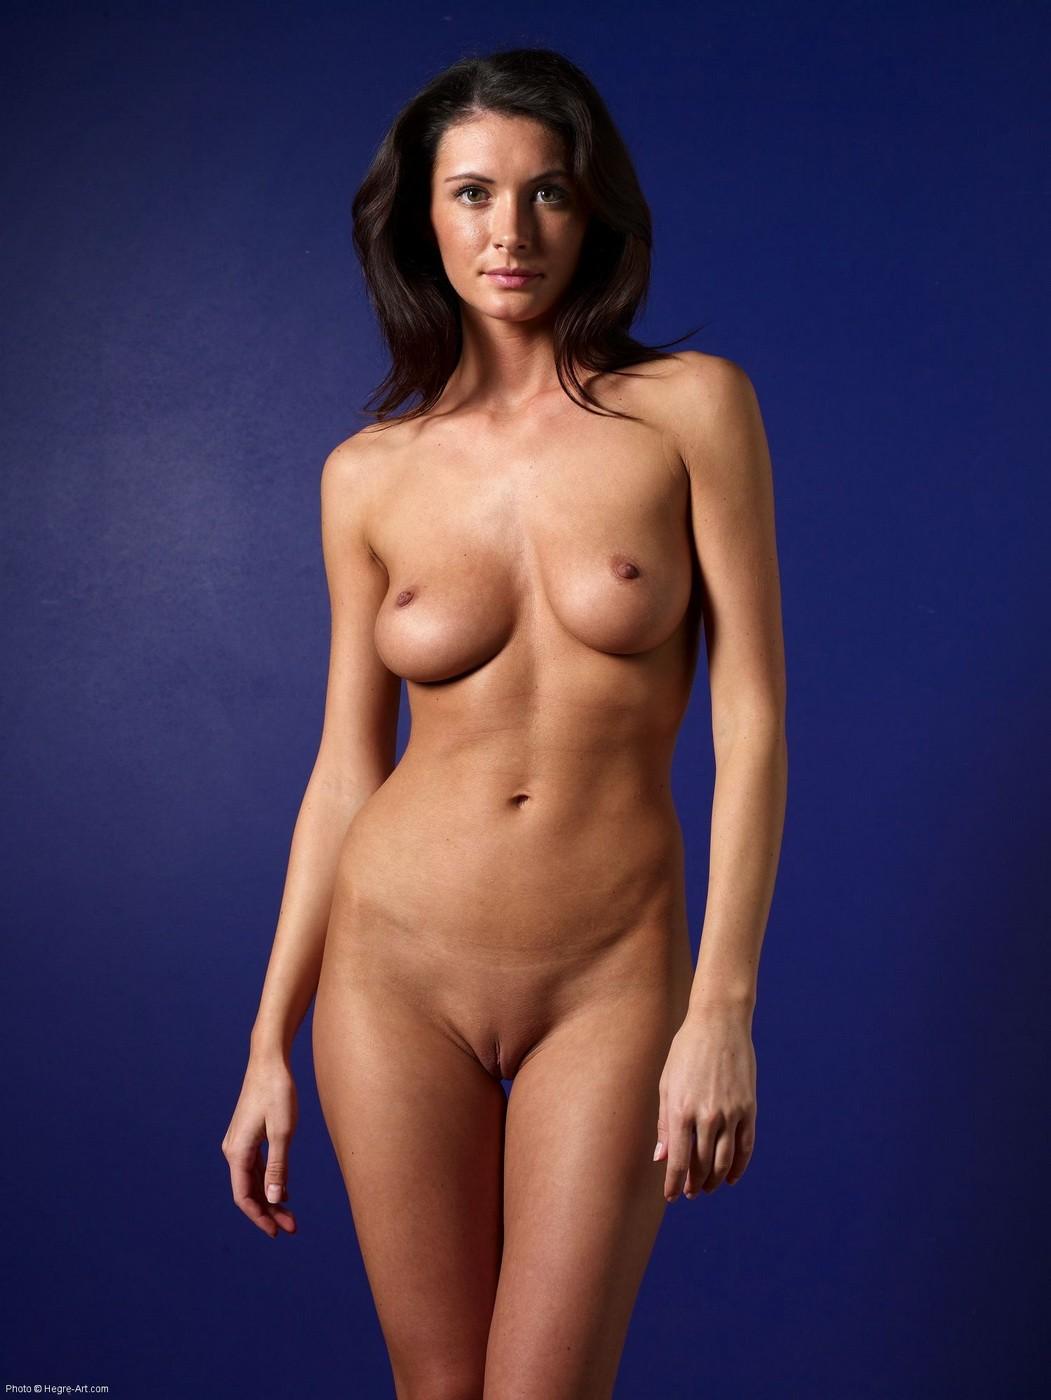 Голая модель с упругими дойками и красивым задом - фото